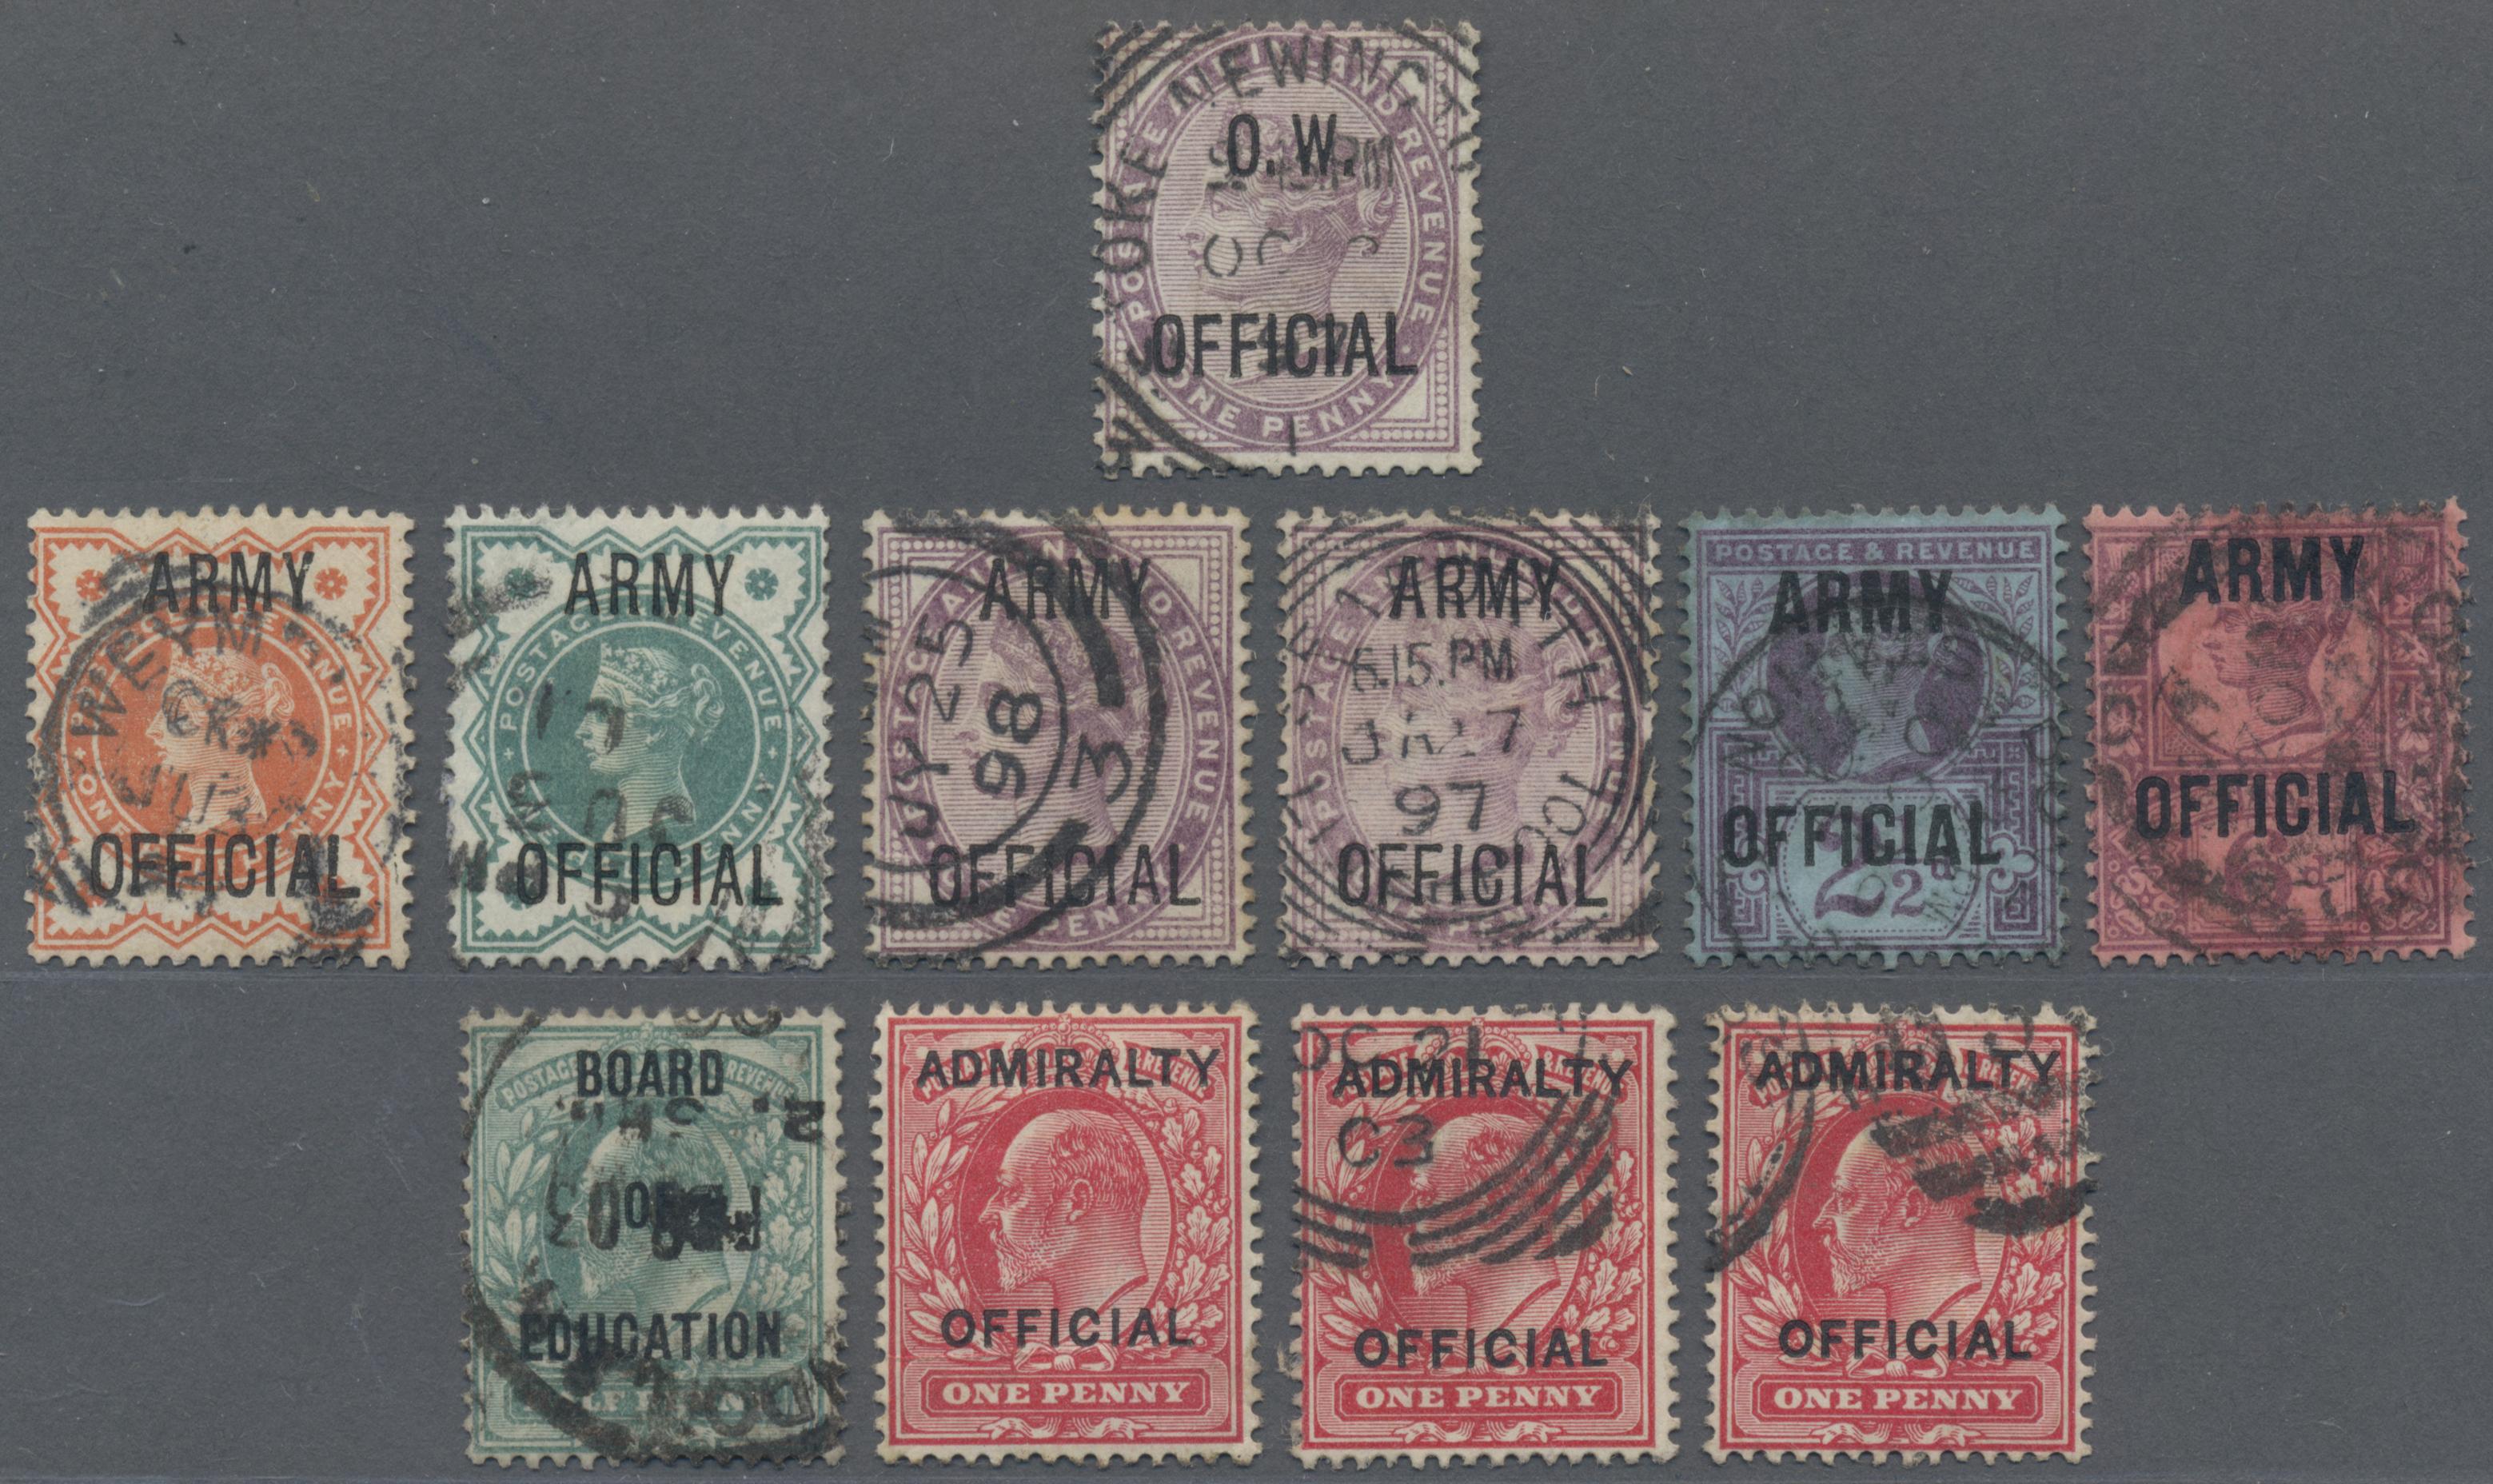 Lot 18502 - Großbritannien - Dienstmarken  -  Auktionshaus Christoph Gärtner GmbH & Co. KG 50th Auction Anniversary Auction - Day 5